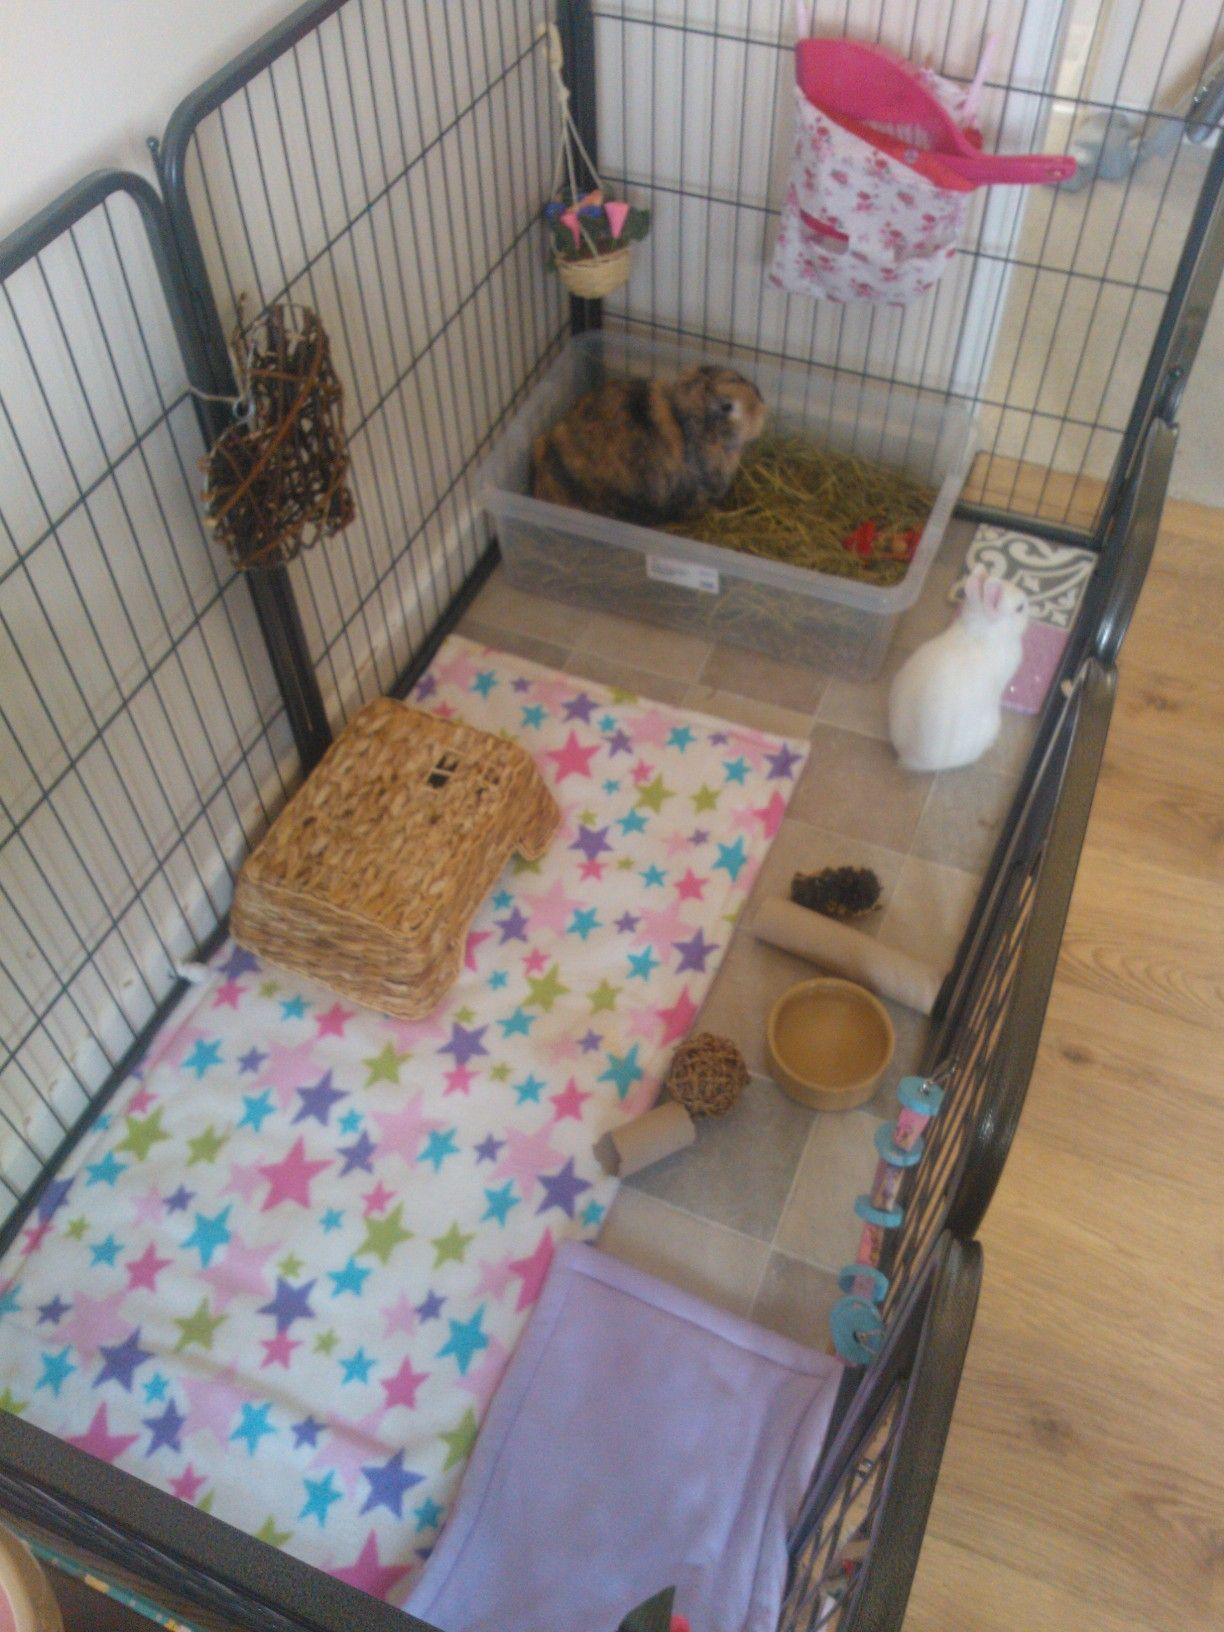 Neji Luna S Cage Indoor Rabbit Set Up Lovely